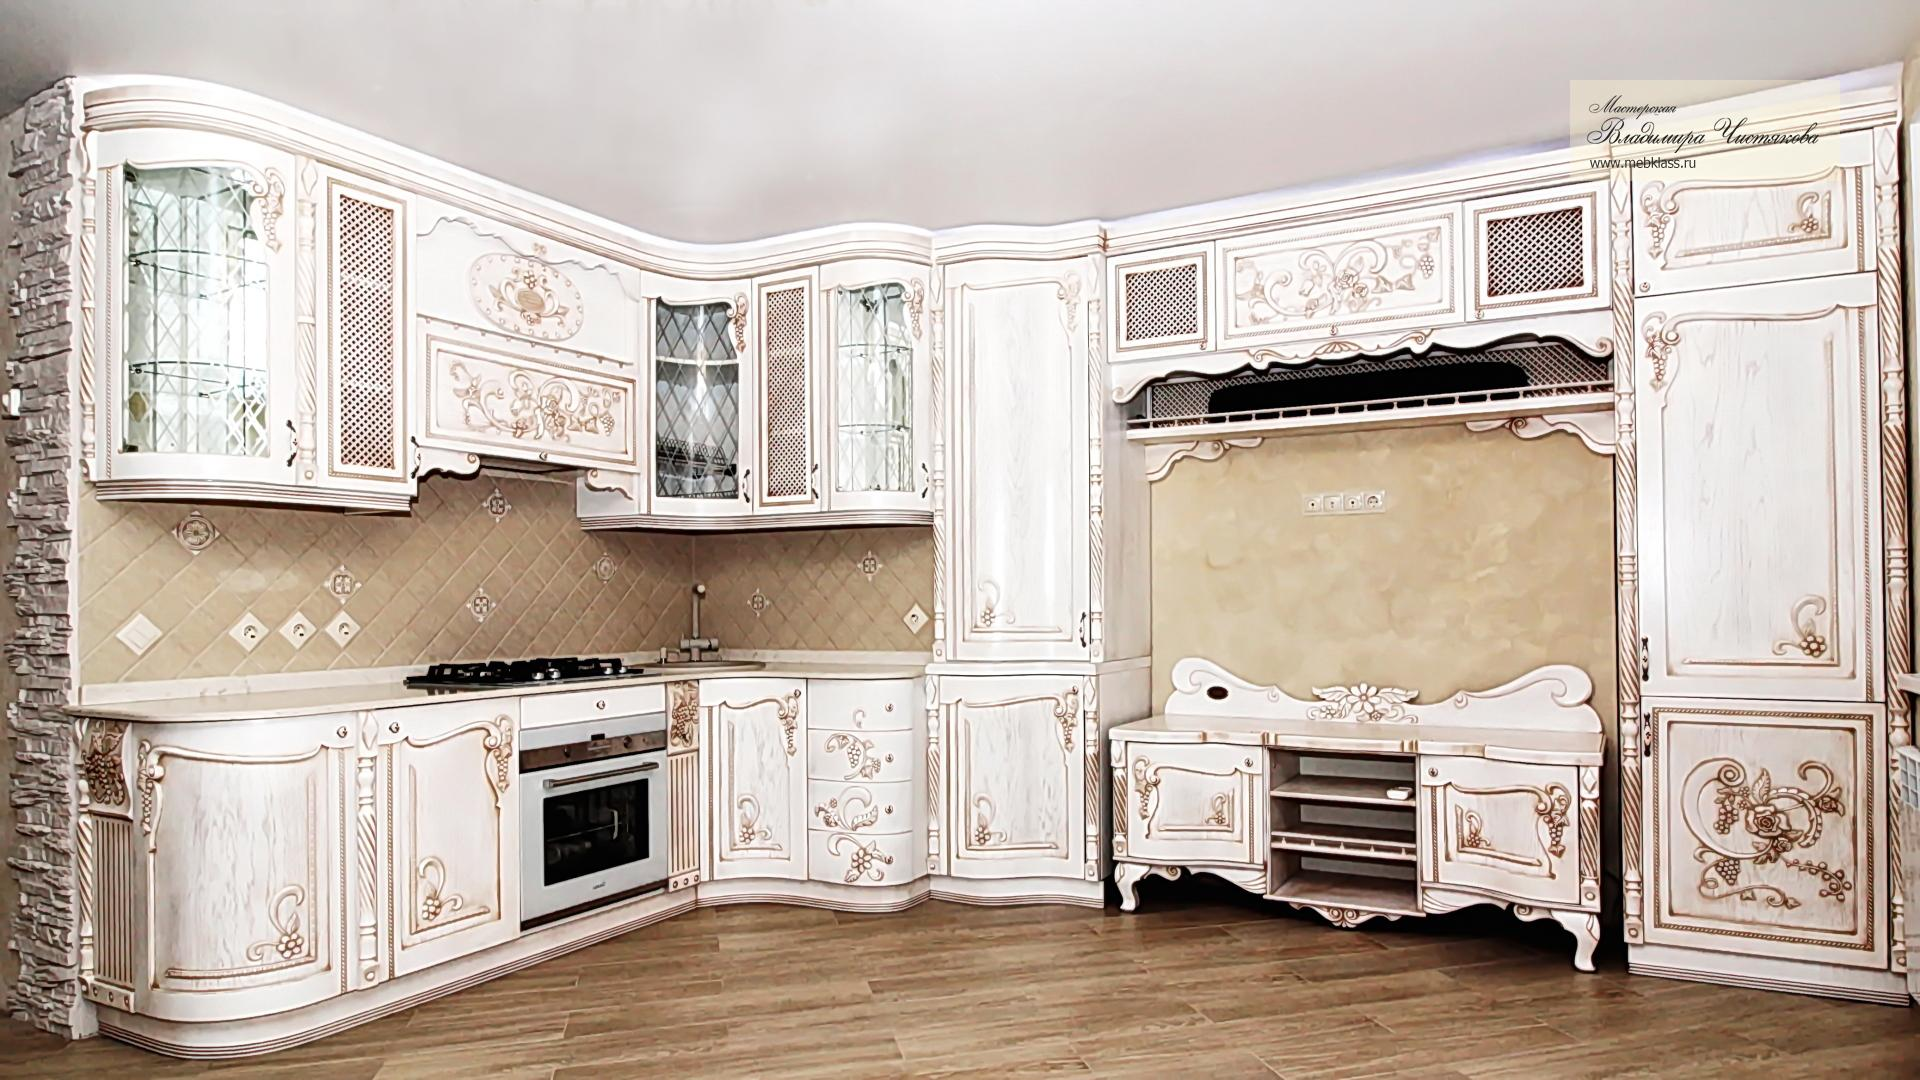 резьба и патина классического стиля кухни